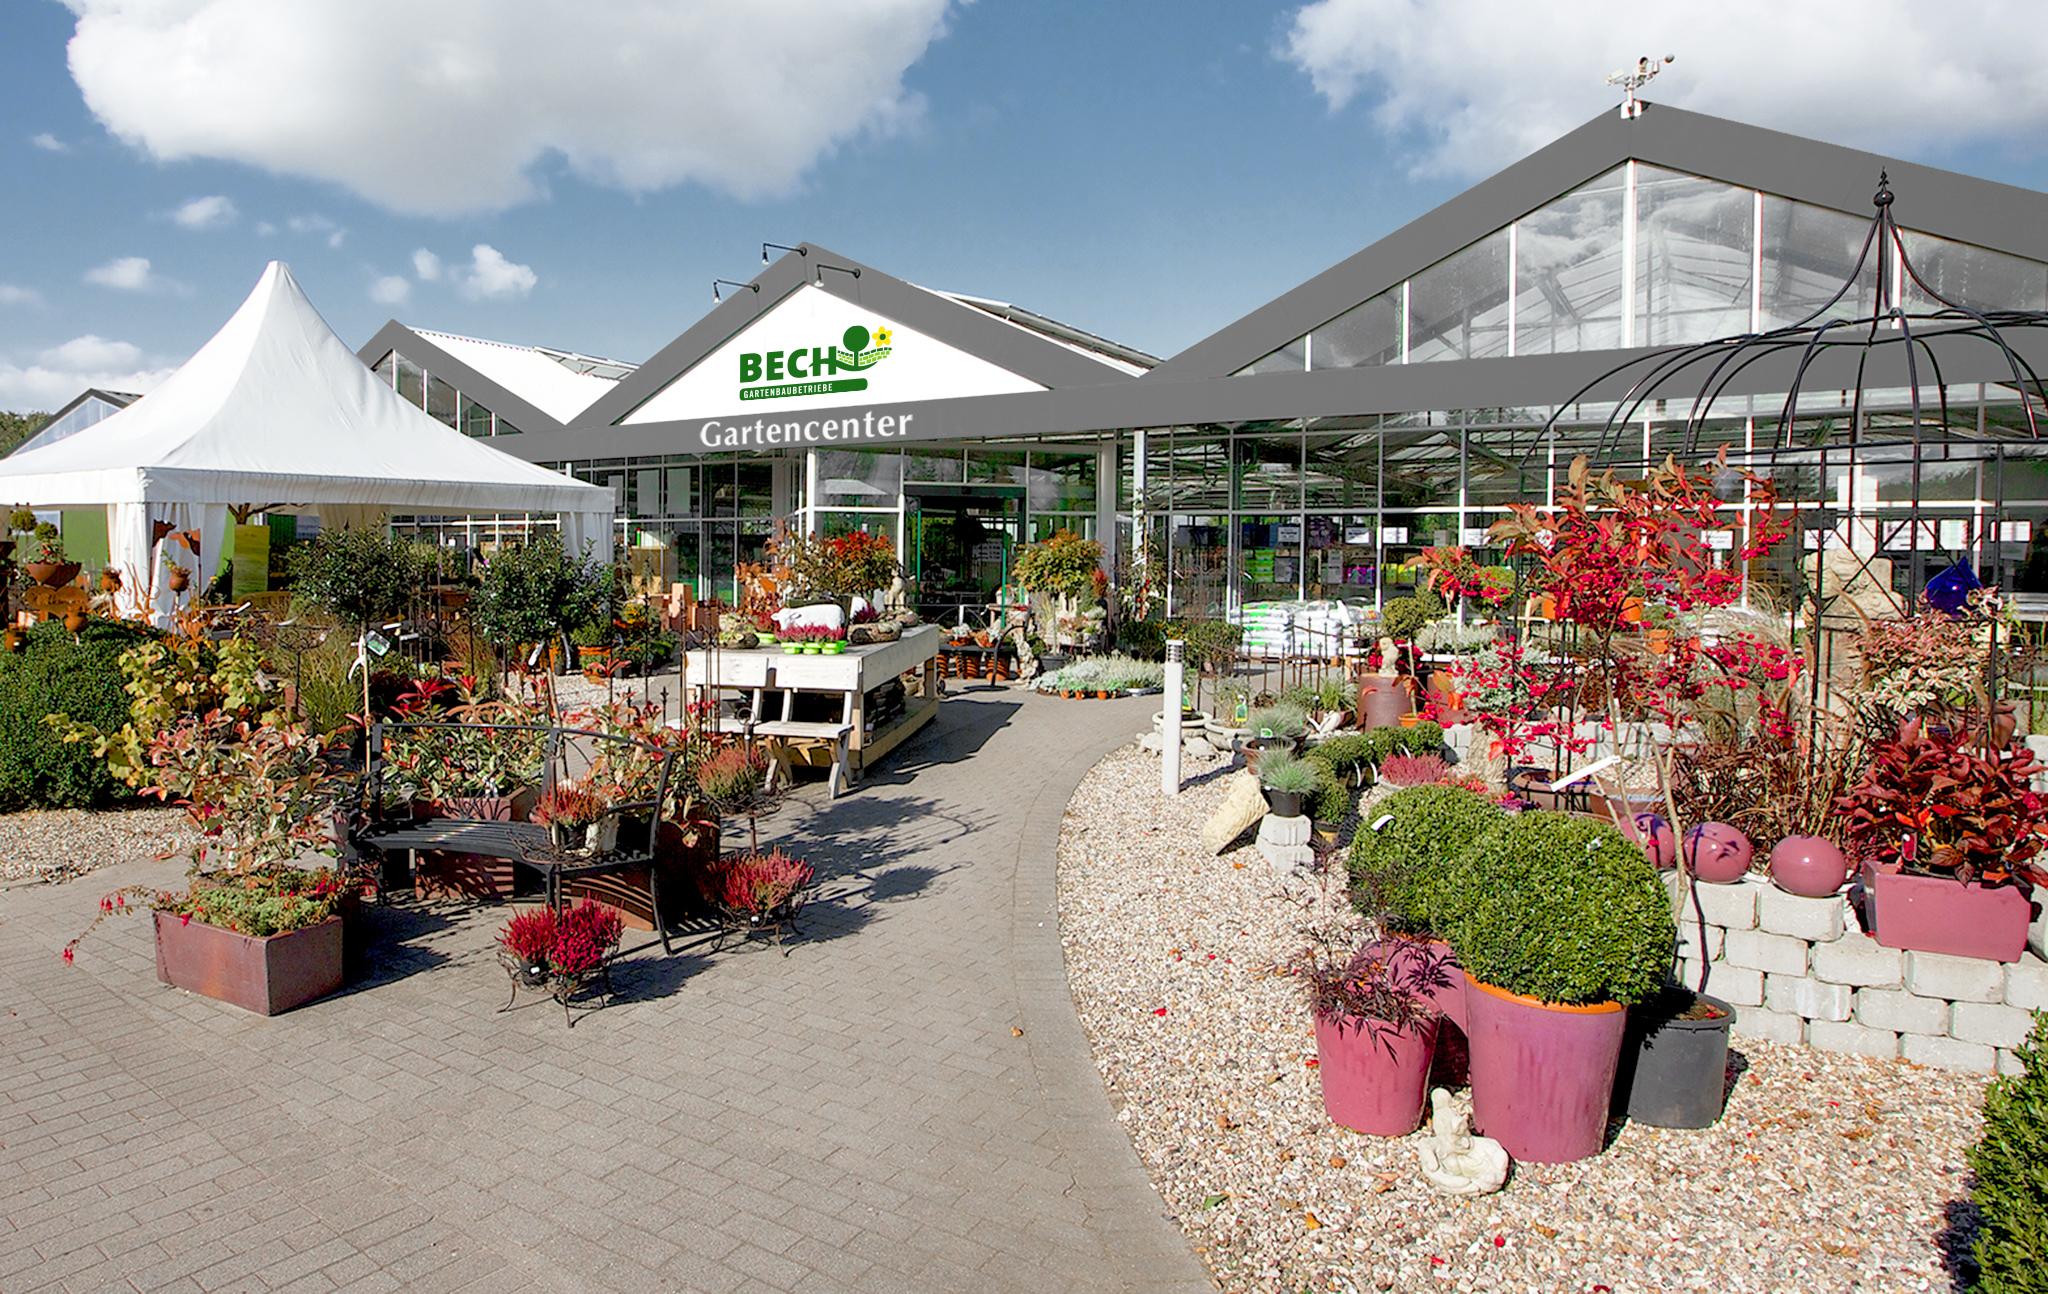 Gartenbaubetriebe  Bech Gartencenter - Bech Gartenbaubetriebe